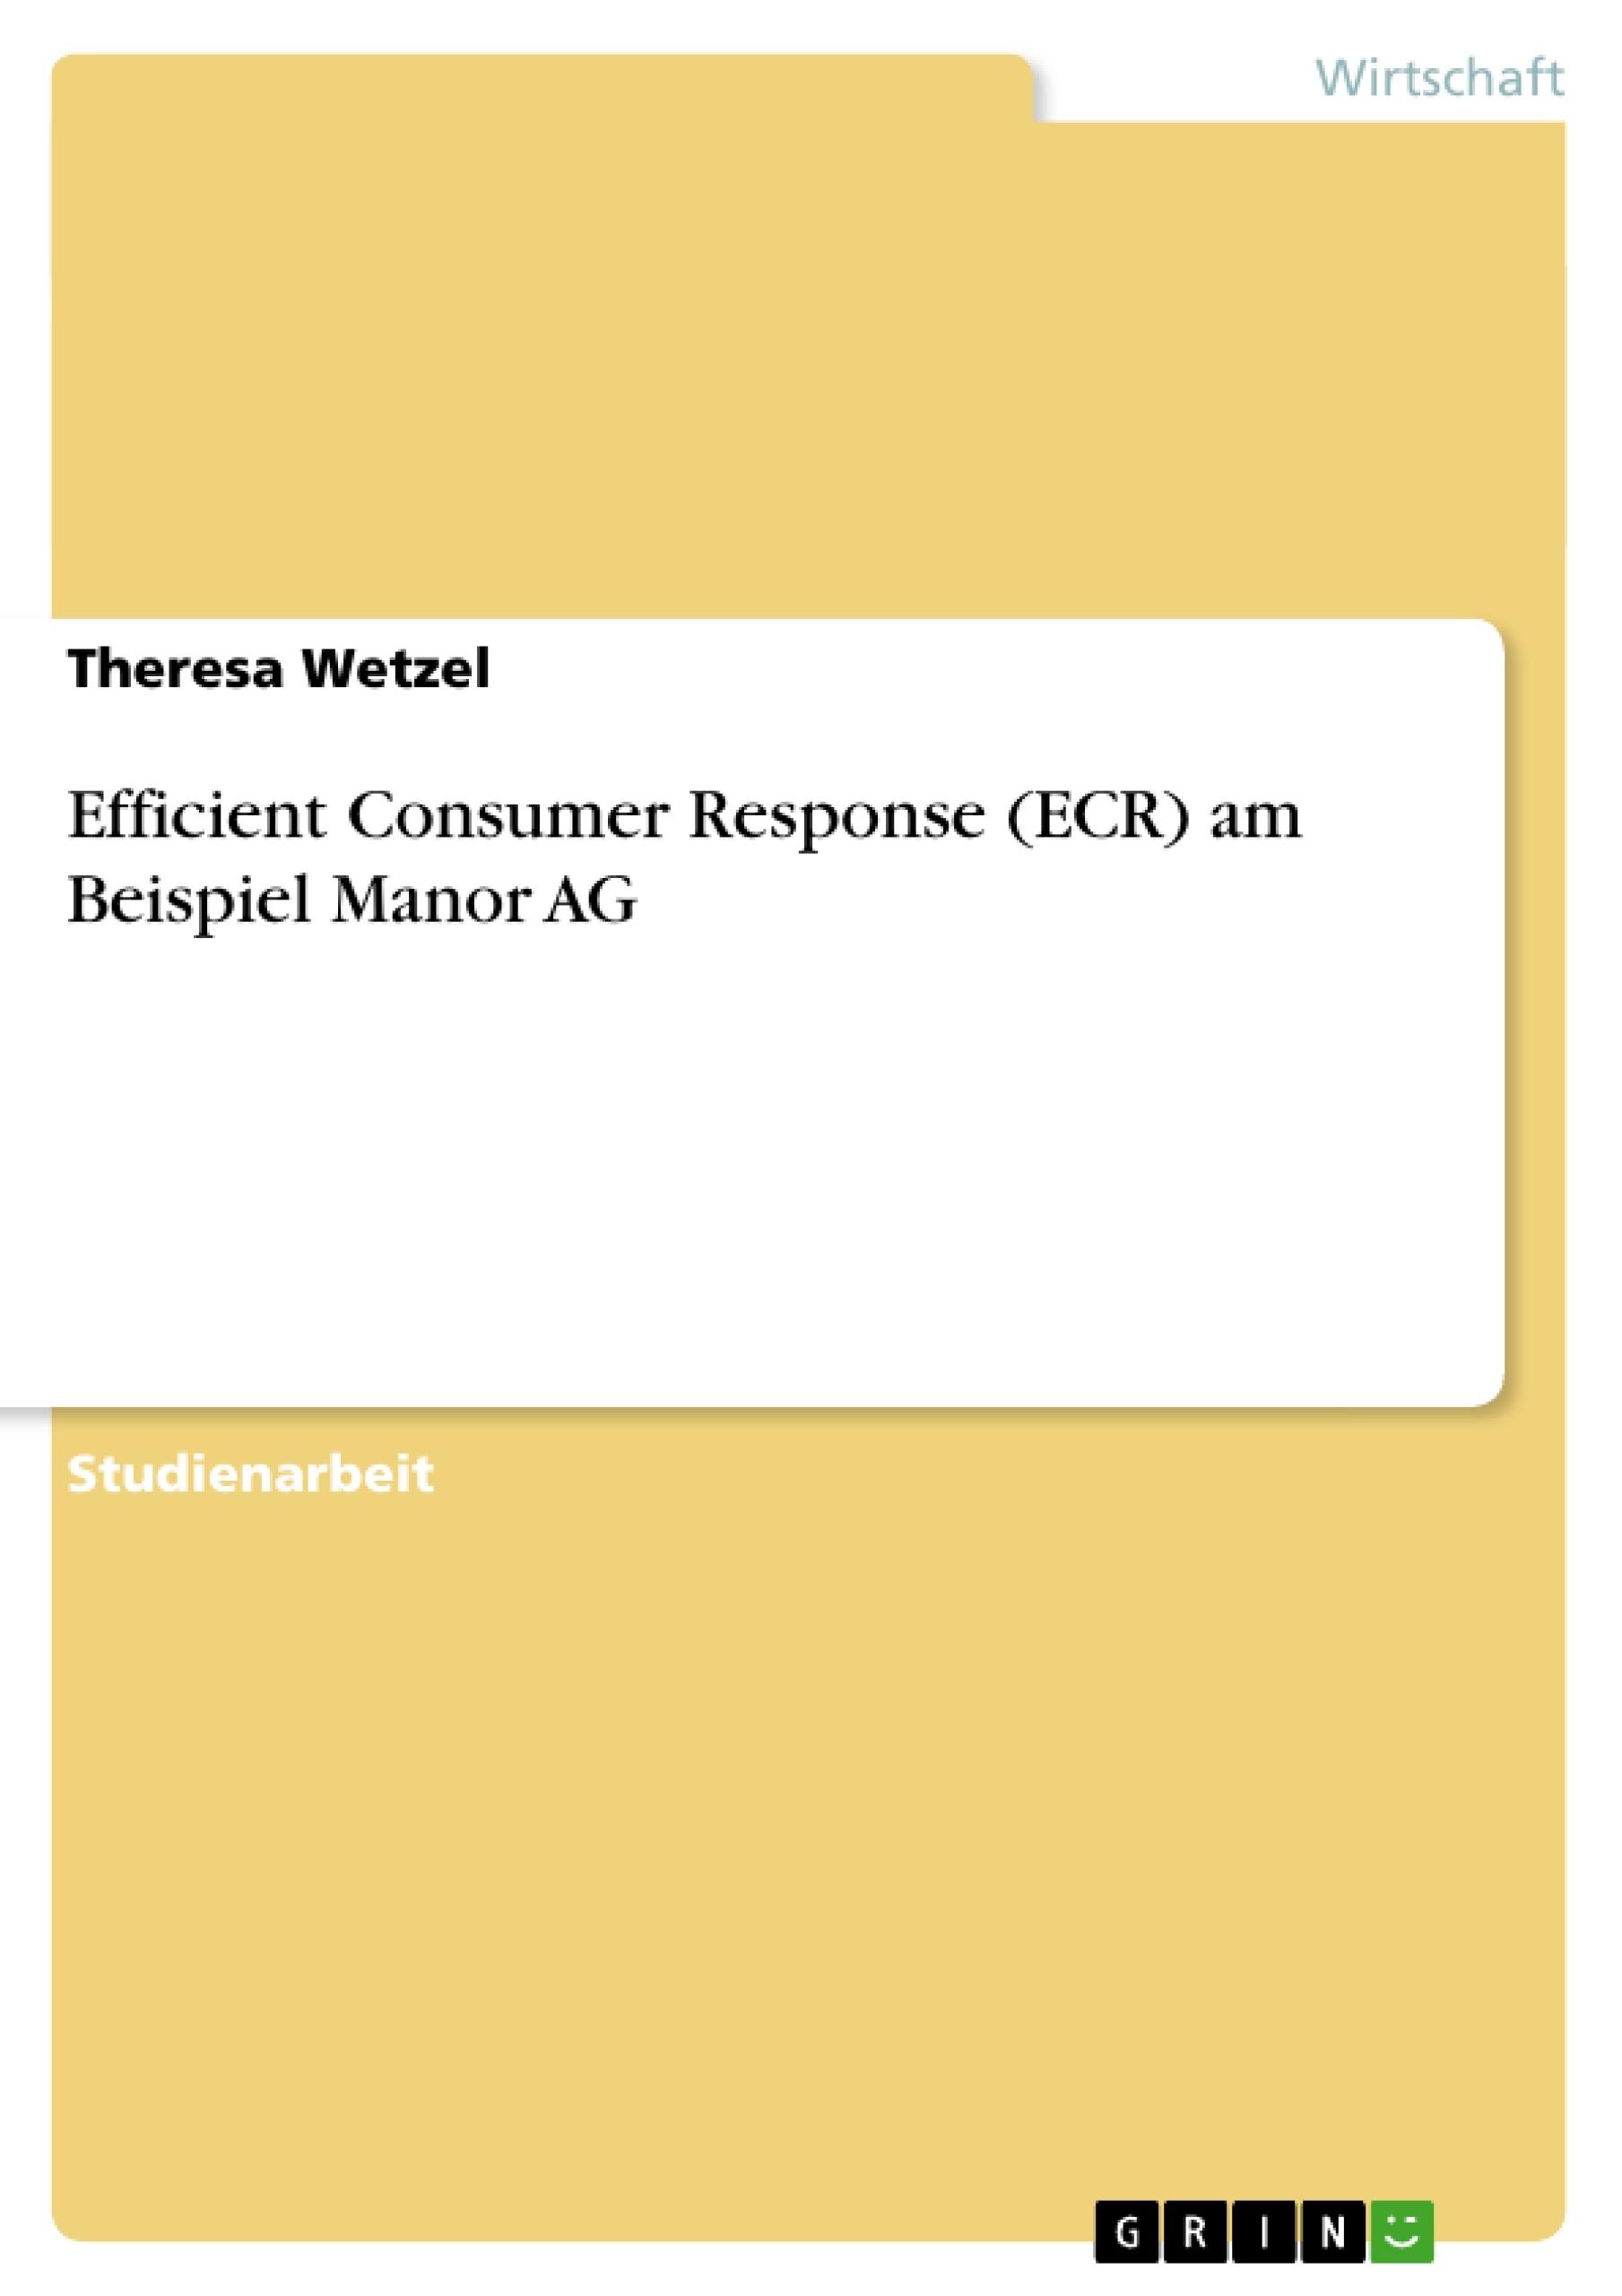 Titel: Efficient Consumer Response (ECR) am Beispiel Manor AG